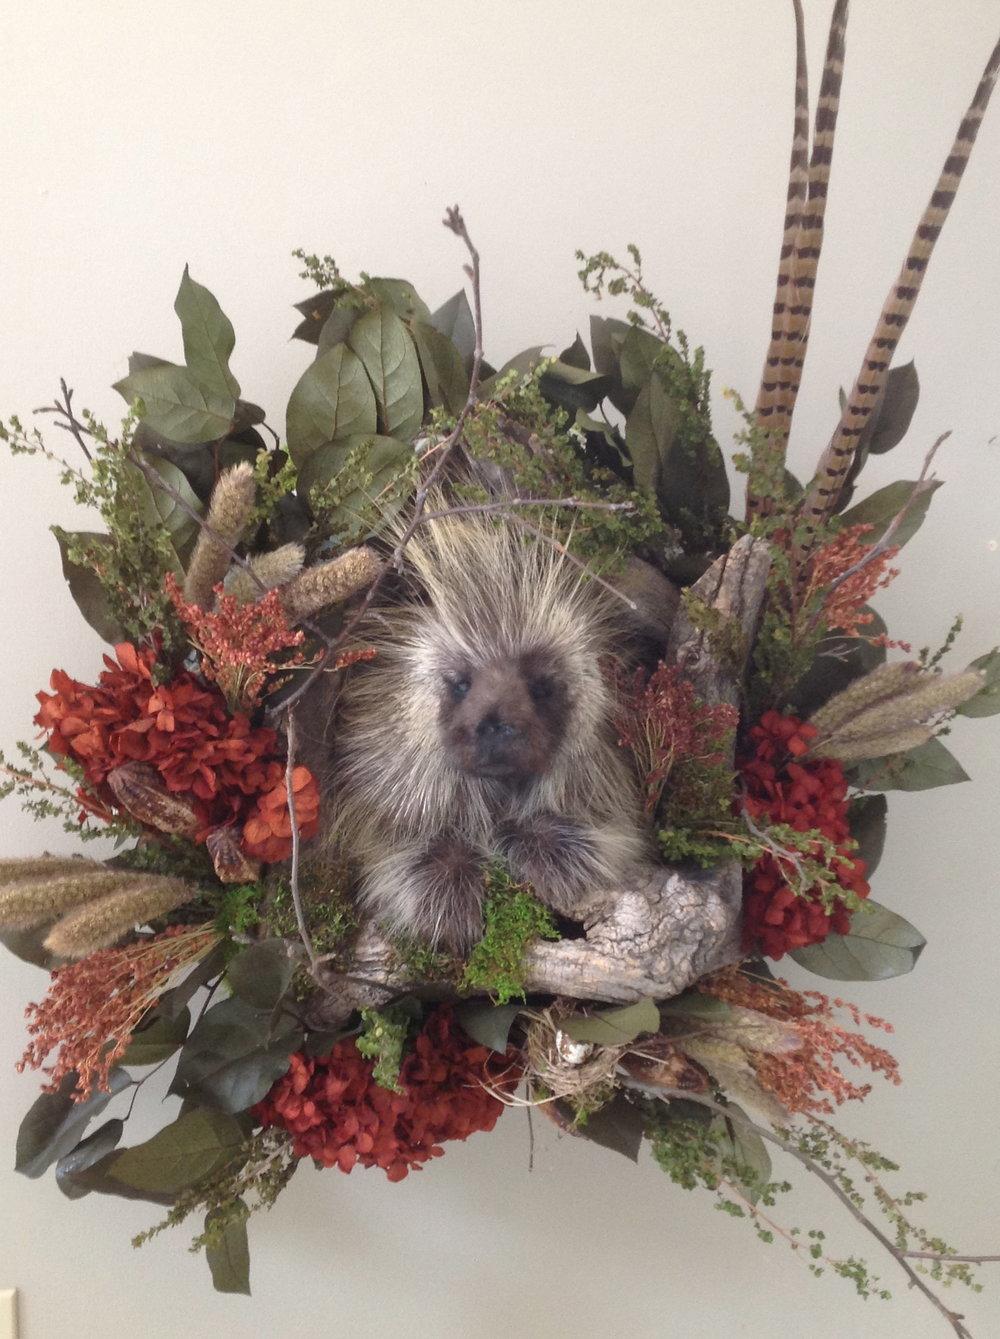 Porcupine dressed in autumn